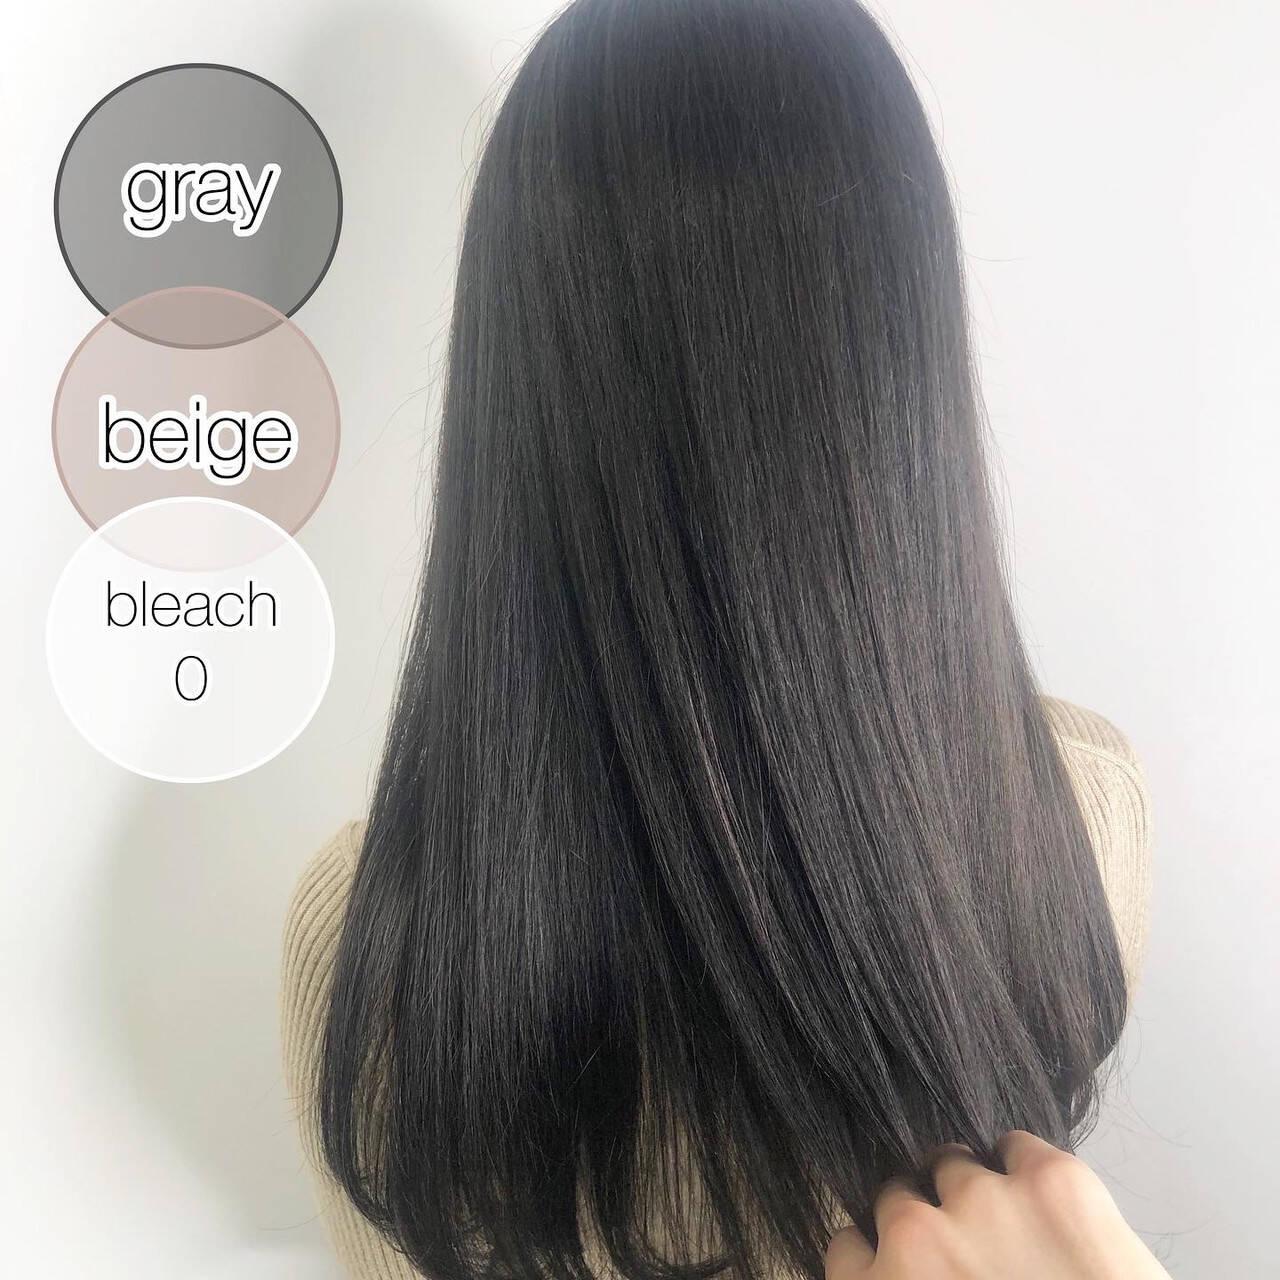 シルバーグレージュ ダークカラー ナチュラル 暗髪ヘアスタイルや髪型の写真・画像